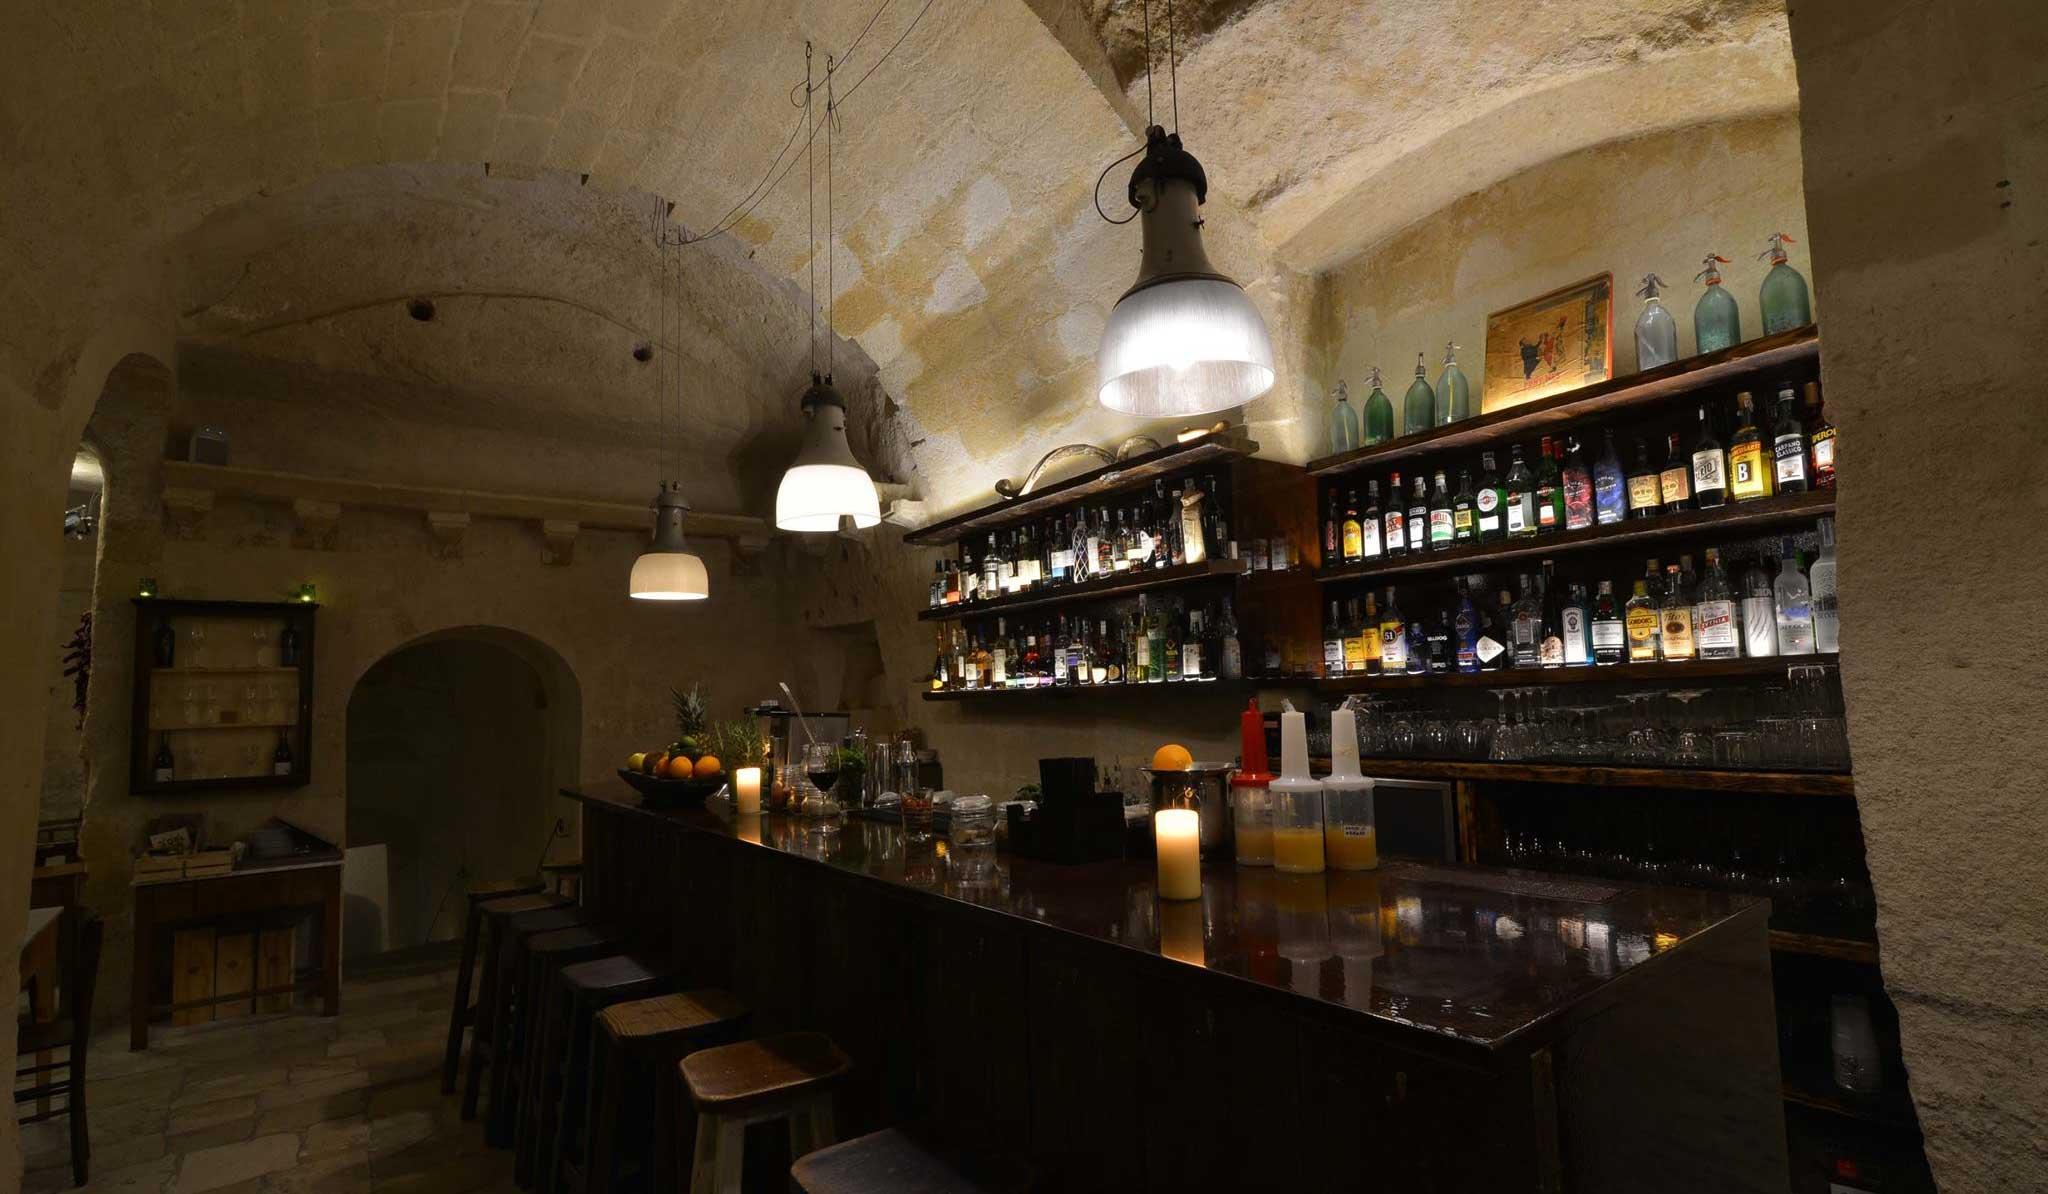 la-lopa-ristorante-pub-aperitivi-stuzzicheria-wine bar-happy-hour-sassi-di-matera-basilicata (2)